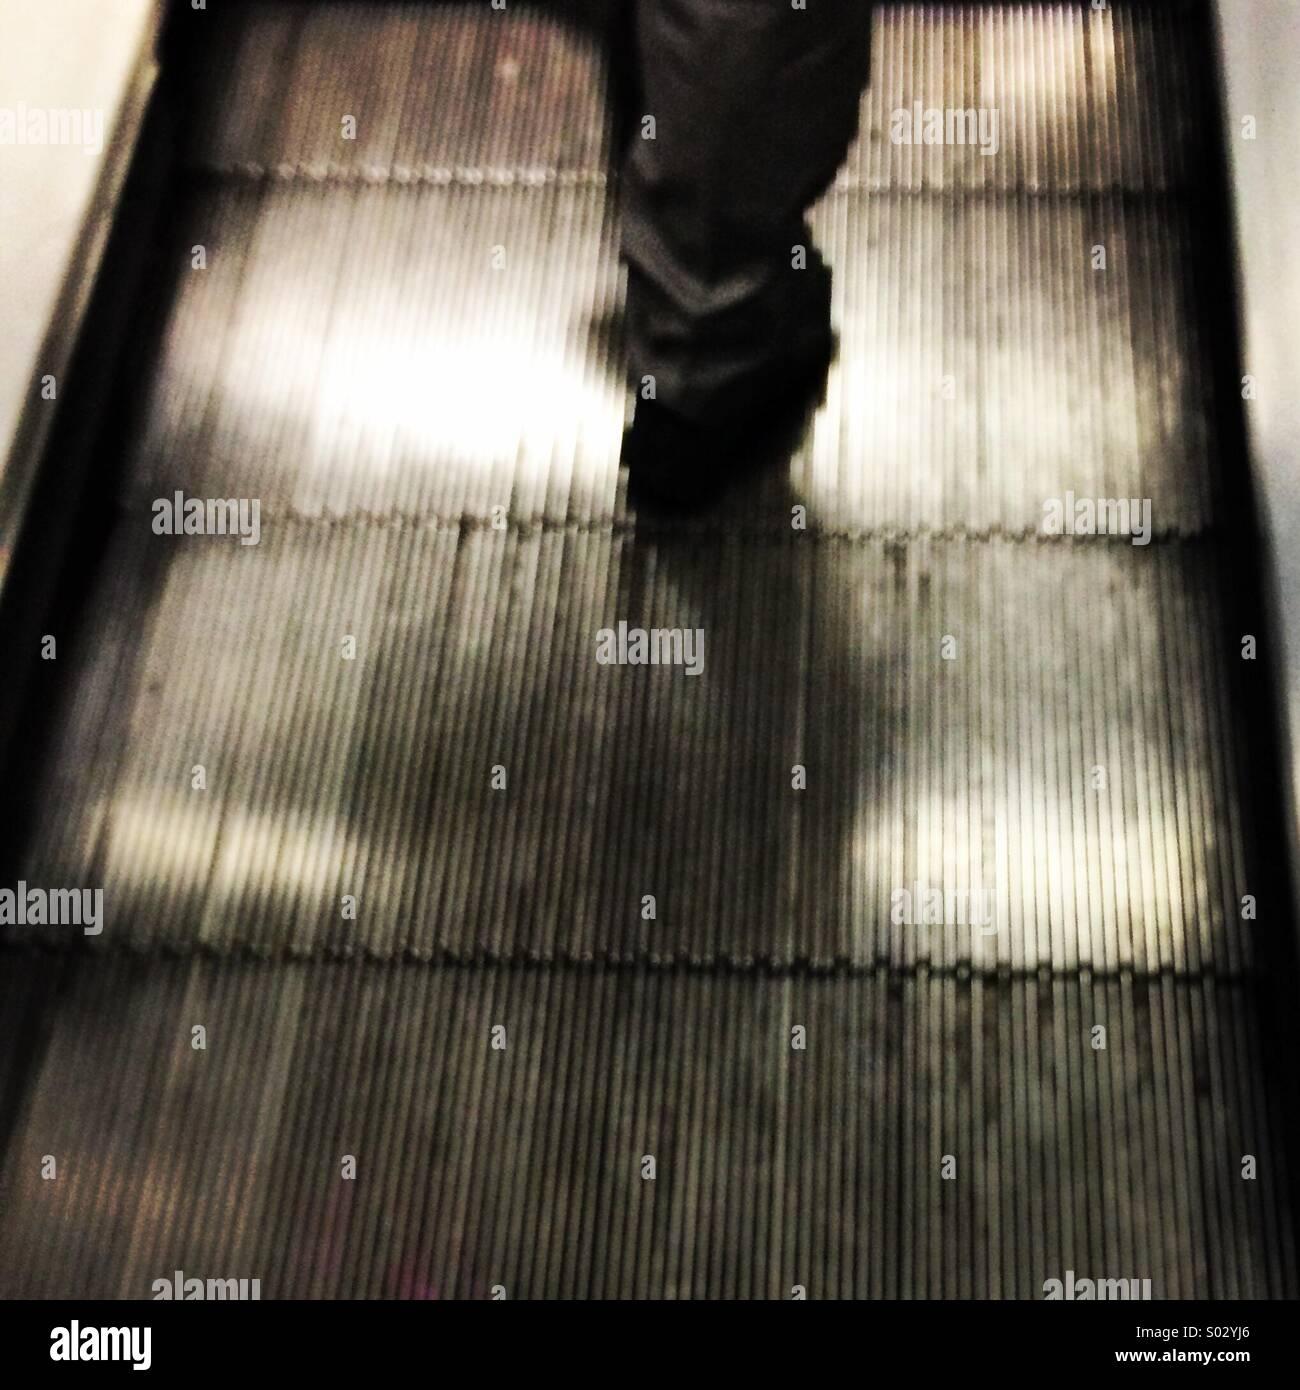 Jambes floues marche sur un tapis roulant escalator. Photo Stock